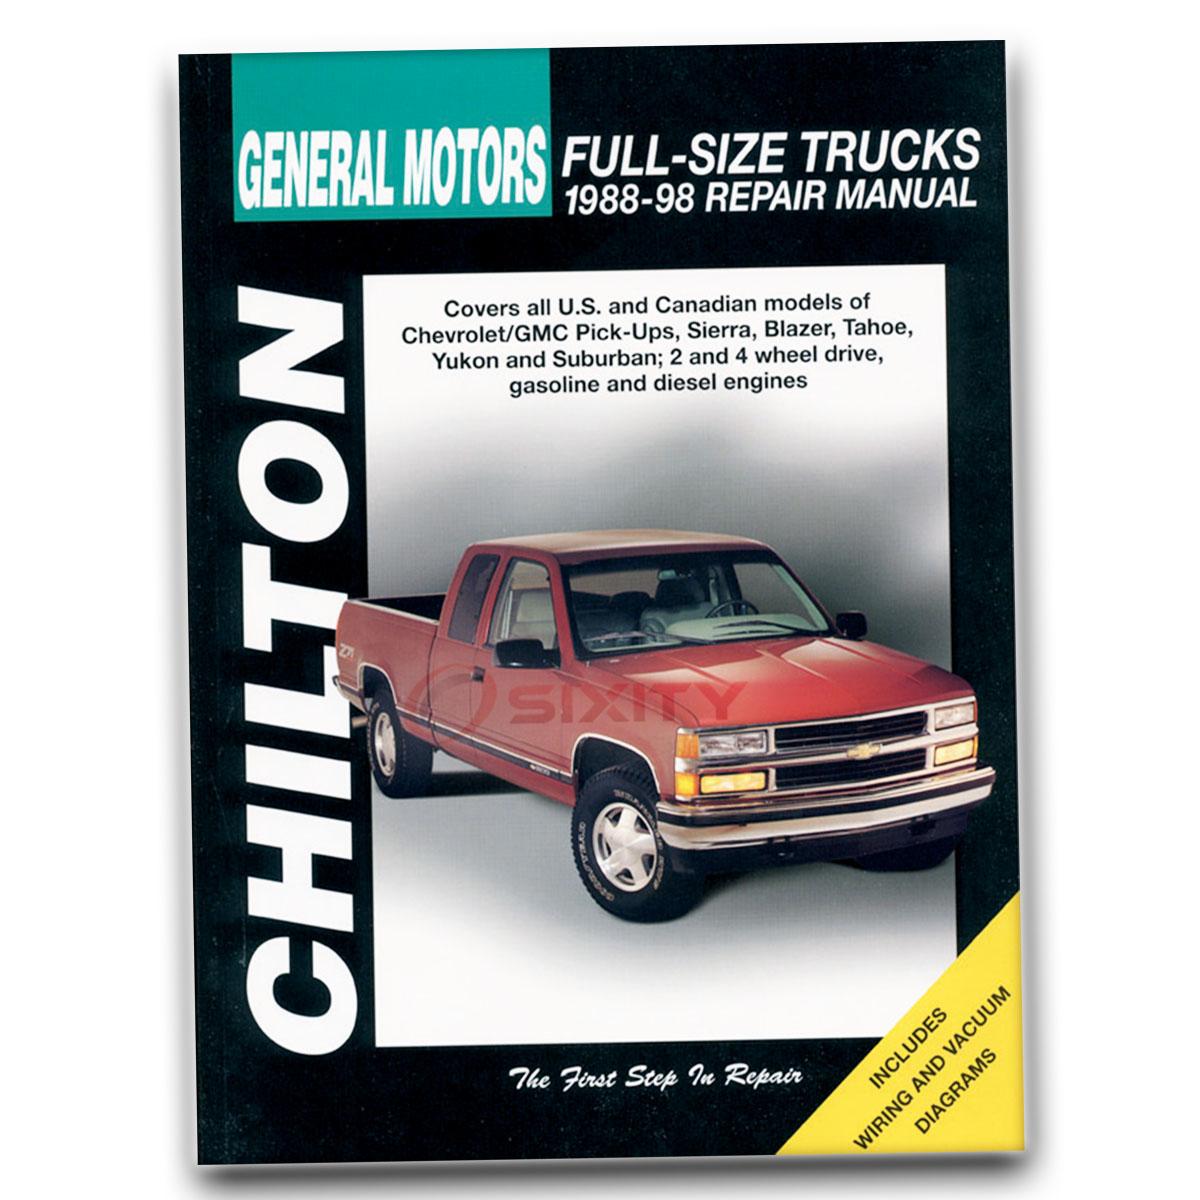 chilton repair manual for chevy k2500 silverado base cheyenne wt rh ebay  com 94 Chevy K2500 1992 chevy 2500 owners manual